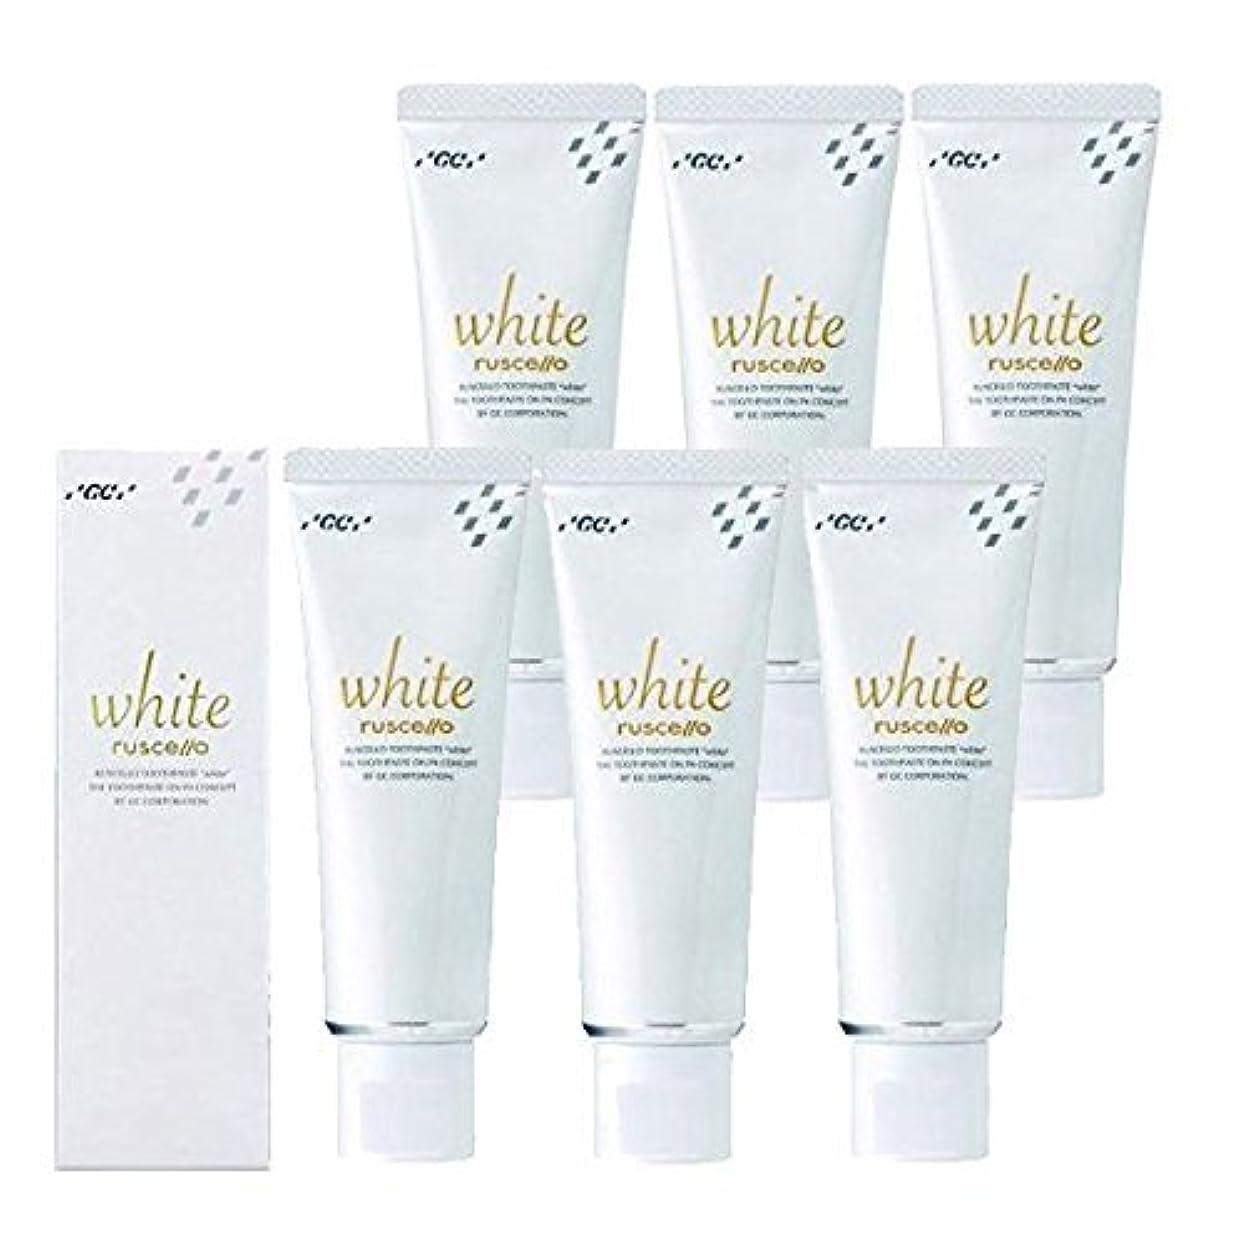 主要なアシュリータファーマン保護するルシェロ歯磨きペースト ホワイト 100g×6本 ホワイトニング 歯磨き粉 歯科専売品